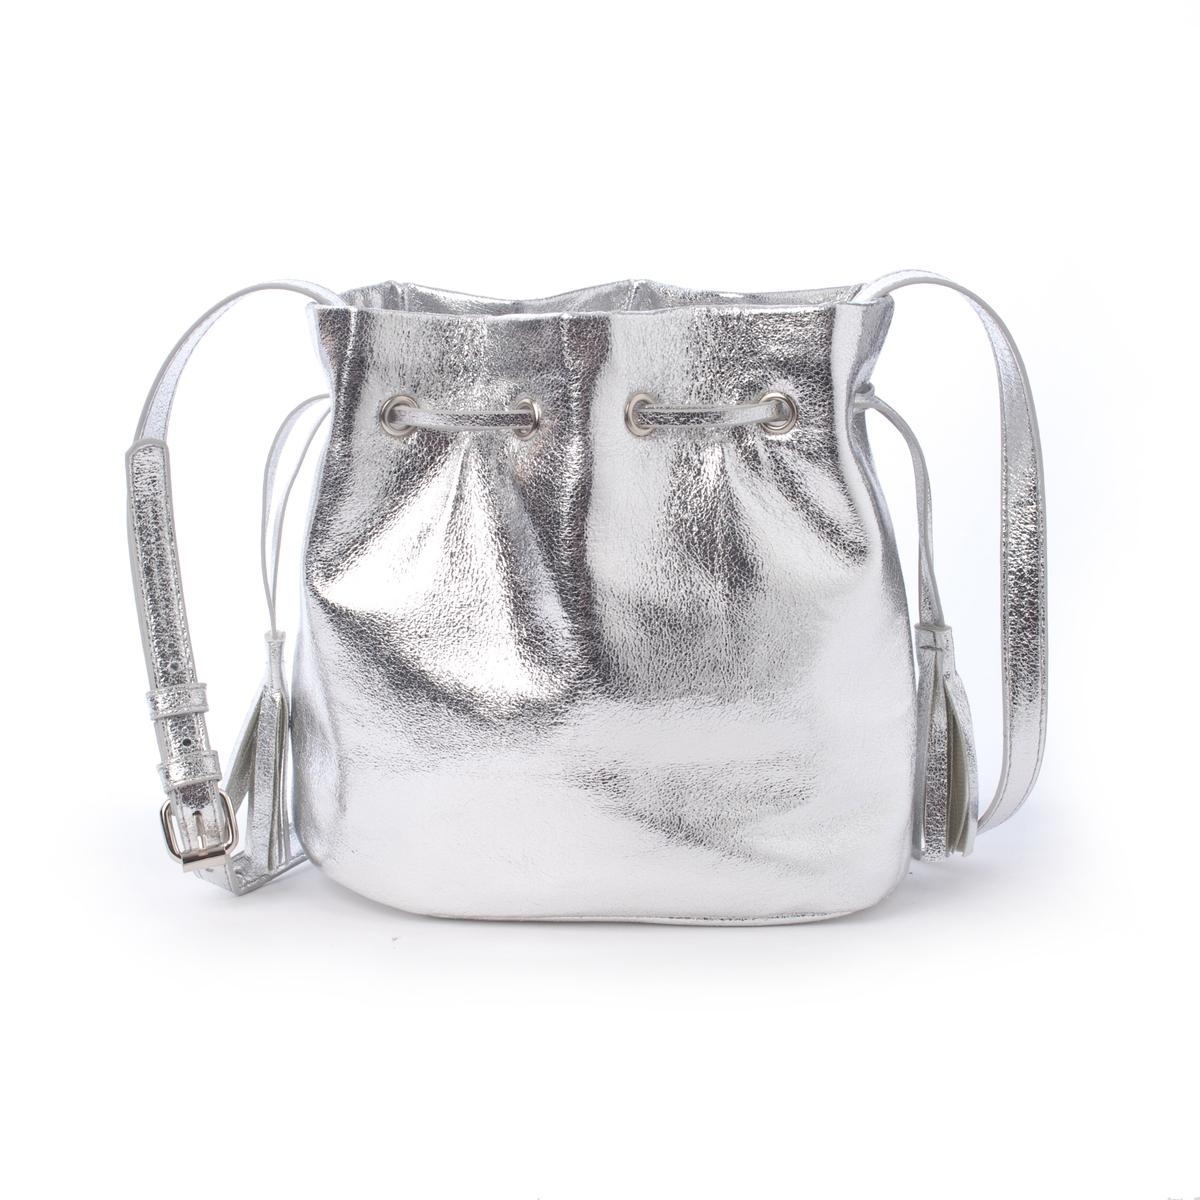 Сумка-торба металлизированнаяМаленькая сумка-торба с металлизированным волокном R Edition. Маленькая сумка-торба с модным штрихом в виде металлизированного волокна для выхода в свет ! Состав и описание :Материал : верх из полиуретана                  Подкладка из полиэстера.Марка : R Edition.Размеры : Д.20 x В.20 x Г.11 см.Застежка : шнурок на кулиске.2 кармана для мобильного телефона.Регулируемый плечевой ремень<br><br>Цвет: розовый металлик,серый металлик<br>Размер: единый размер.единый размер